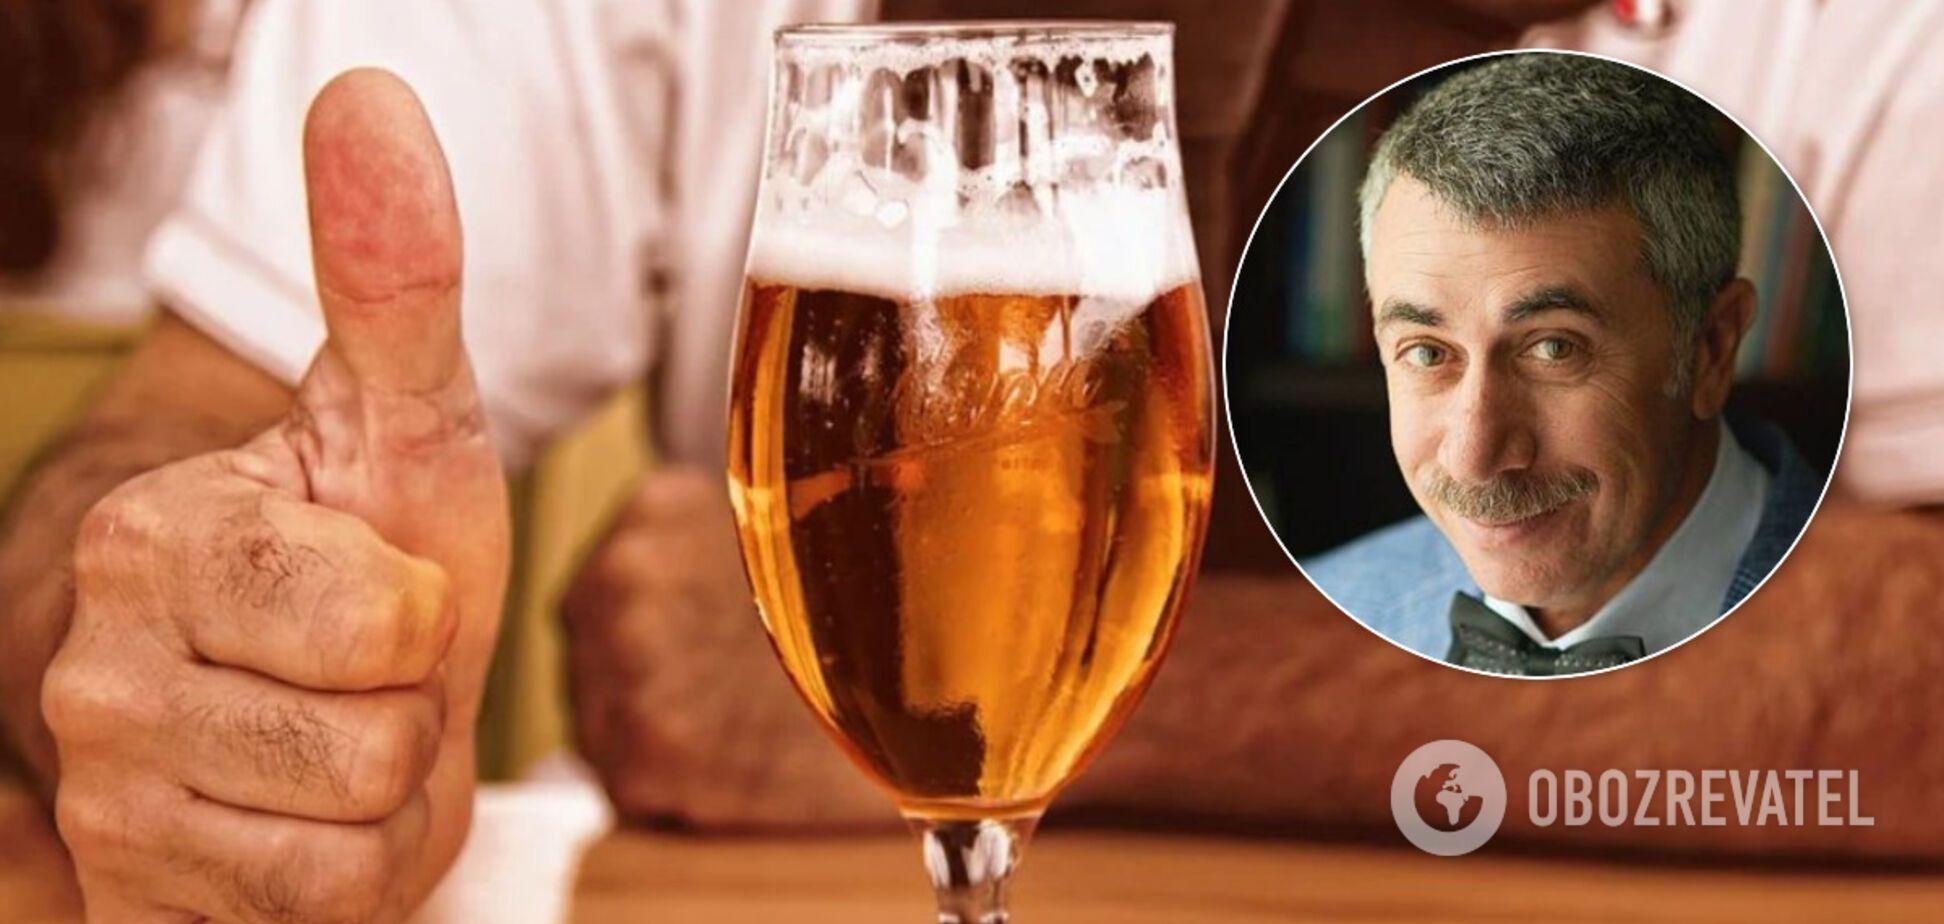 'Пийте пиво': Комаровський дав несподівану пораду на час карантину